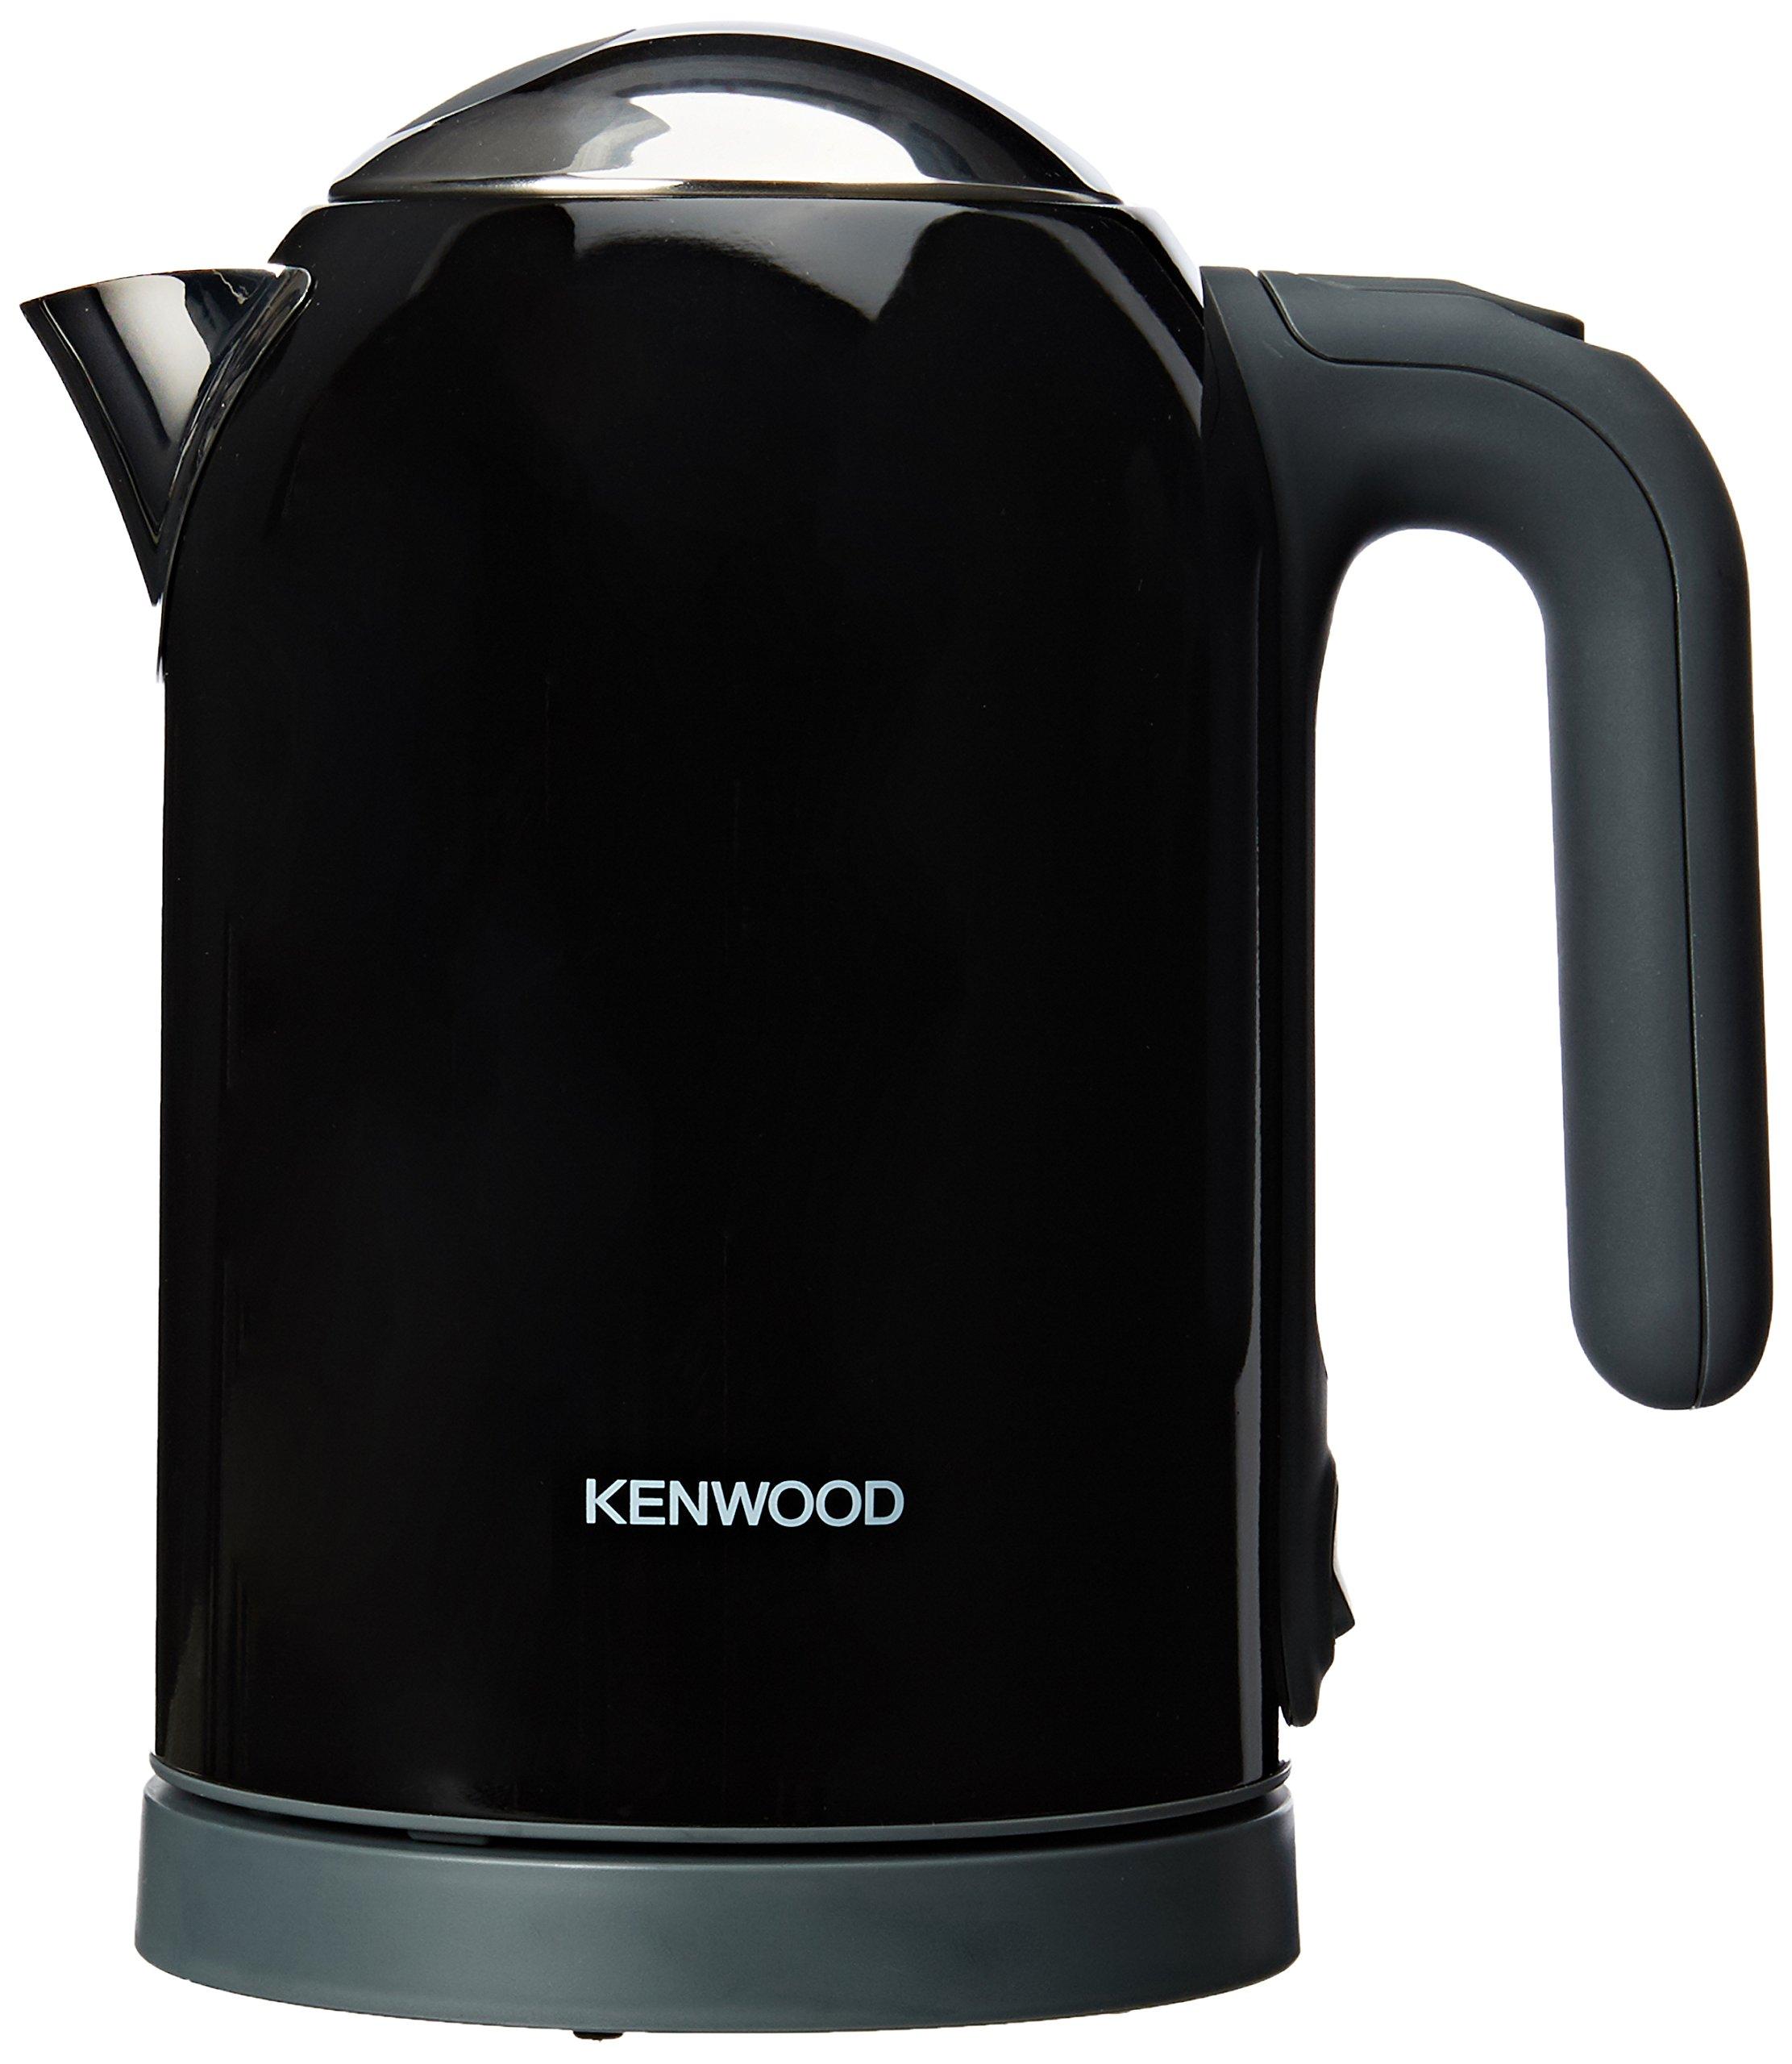 Kenwood ZJM180GY Scene Kettle, 1.6 L